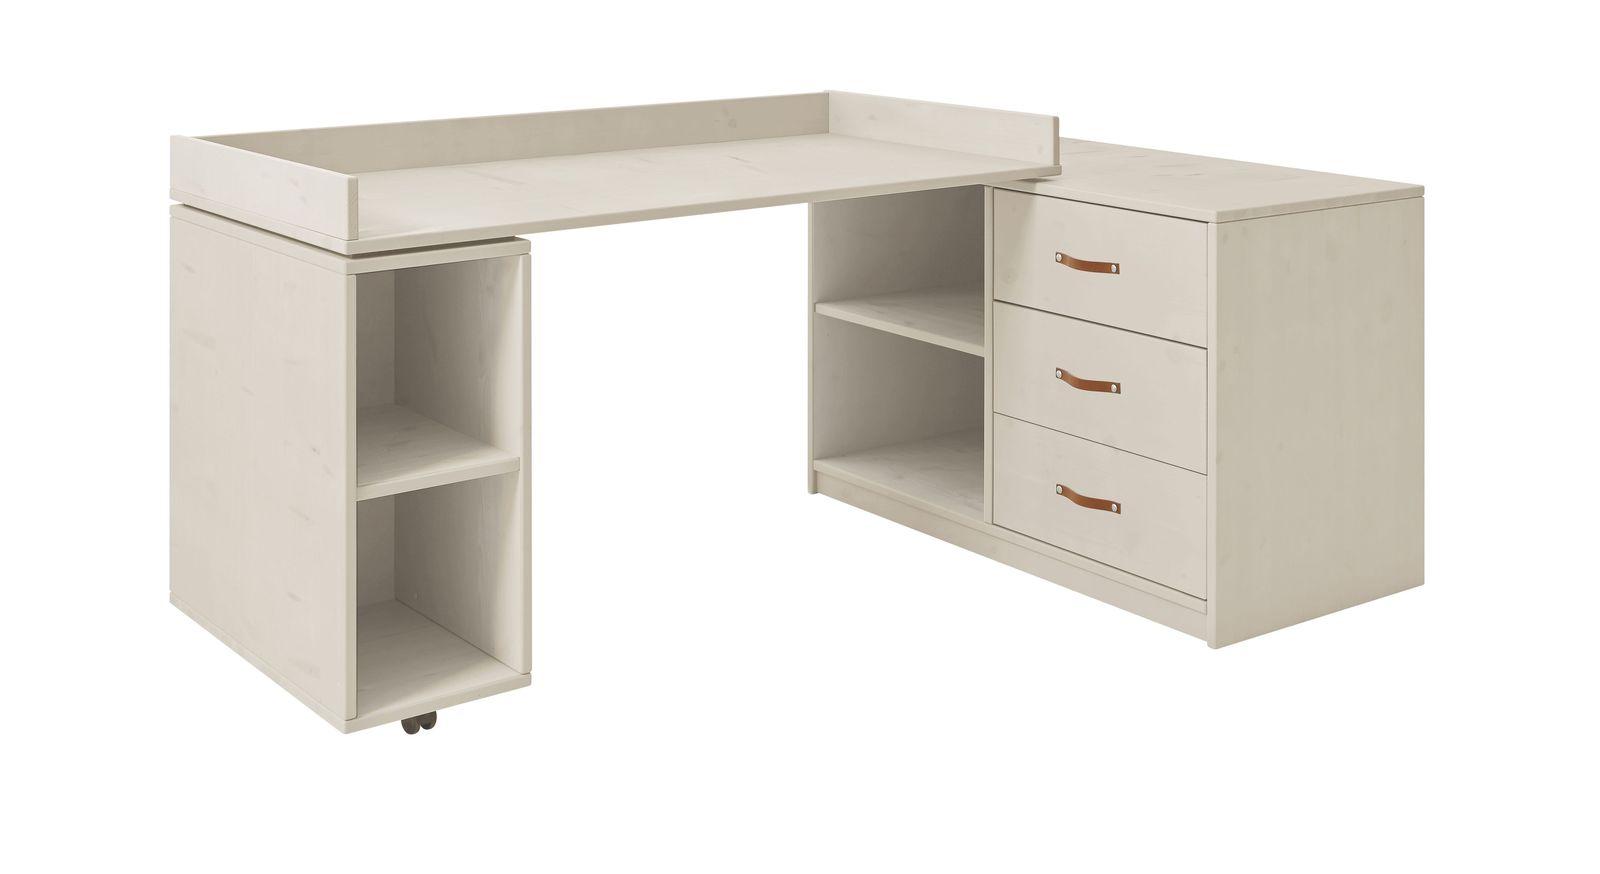 drehbarer lifetime schreibtisch f r kleine kinderzimmer. Black Bedroom Furniture Sets. Home Design Ideas